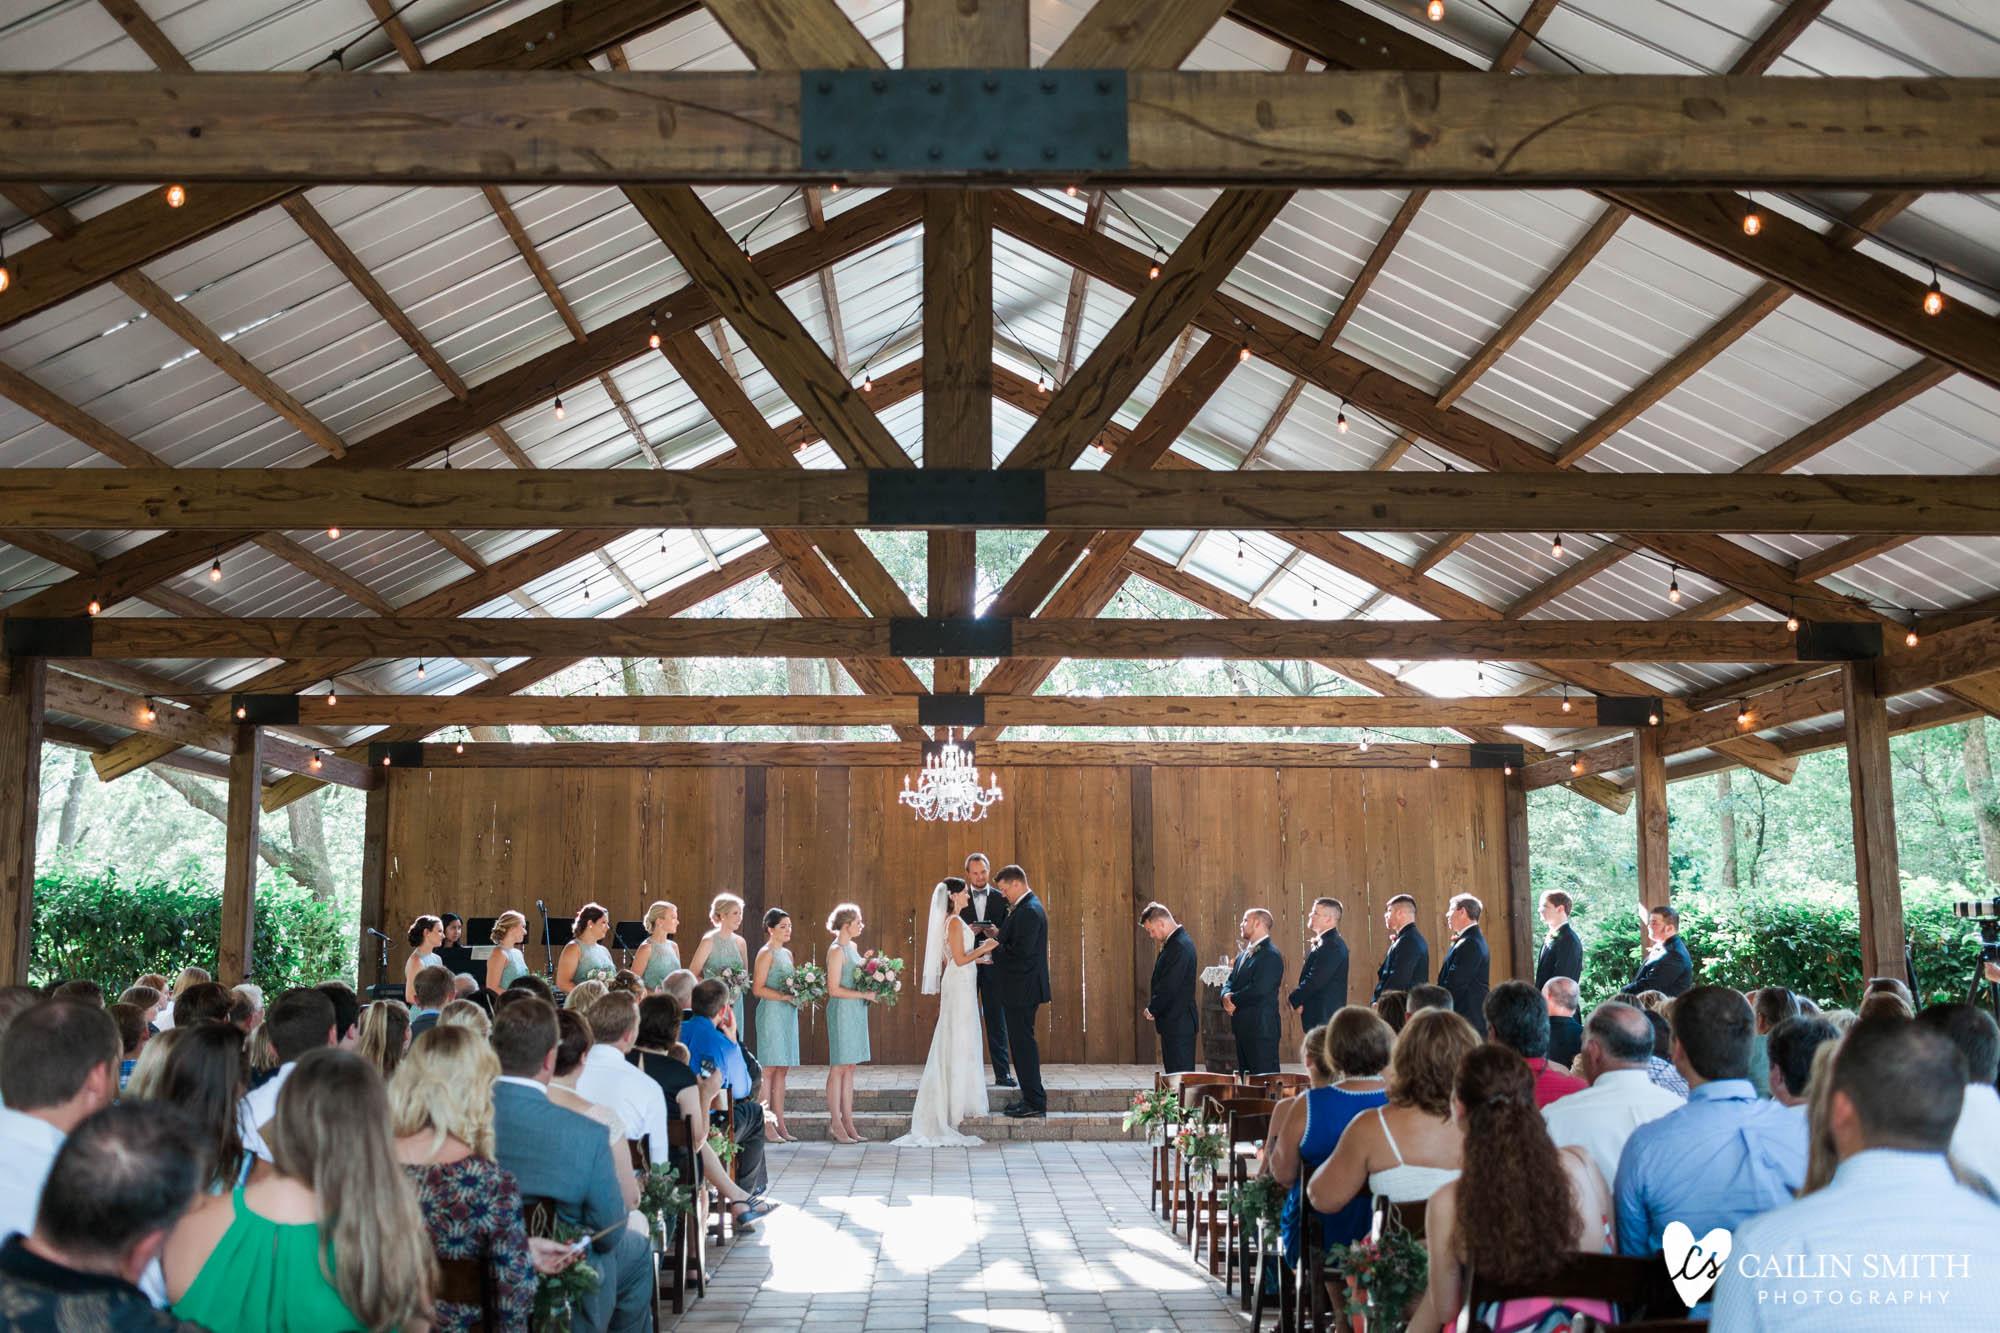 Bethany_Kyle_Bowing_Oaks_Plantation_Wedding_Photography_0068.jpg